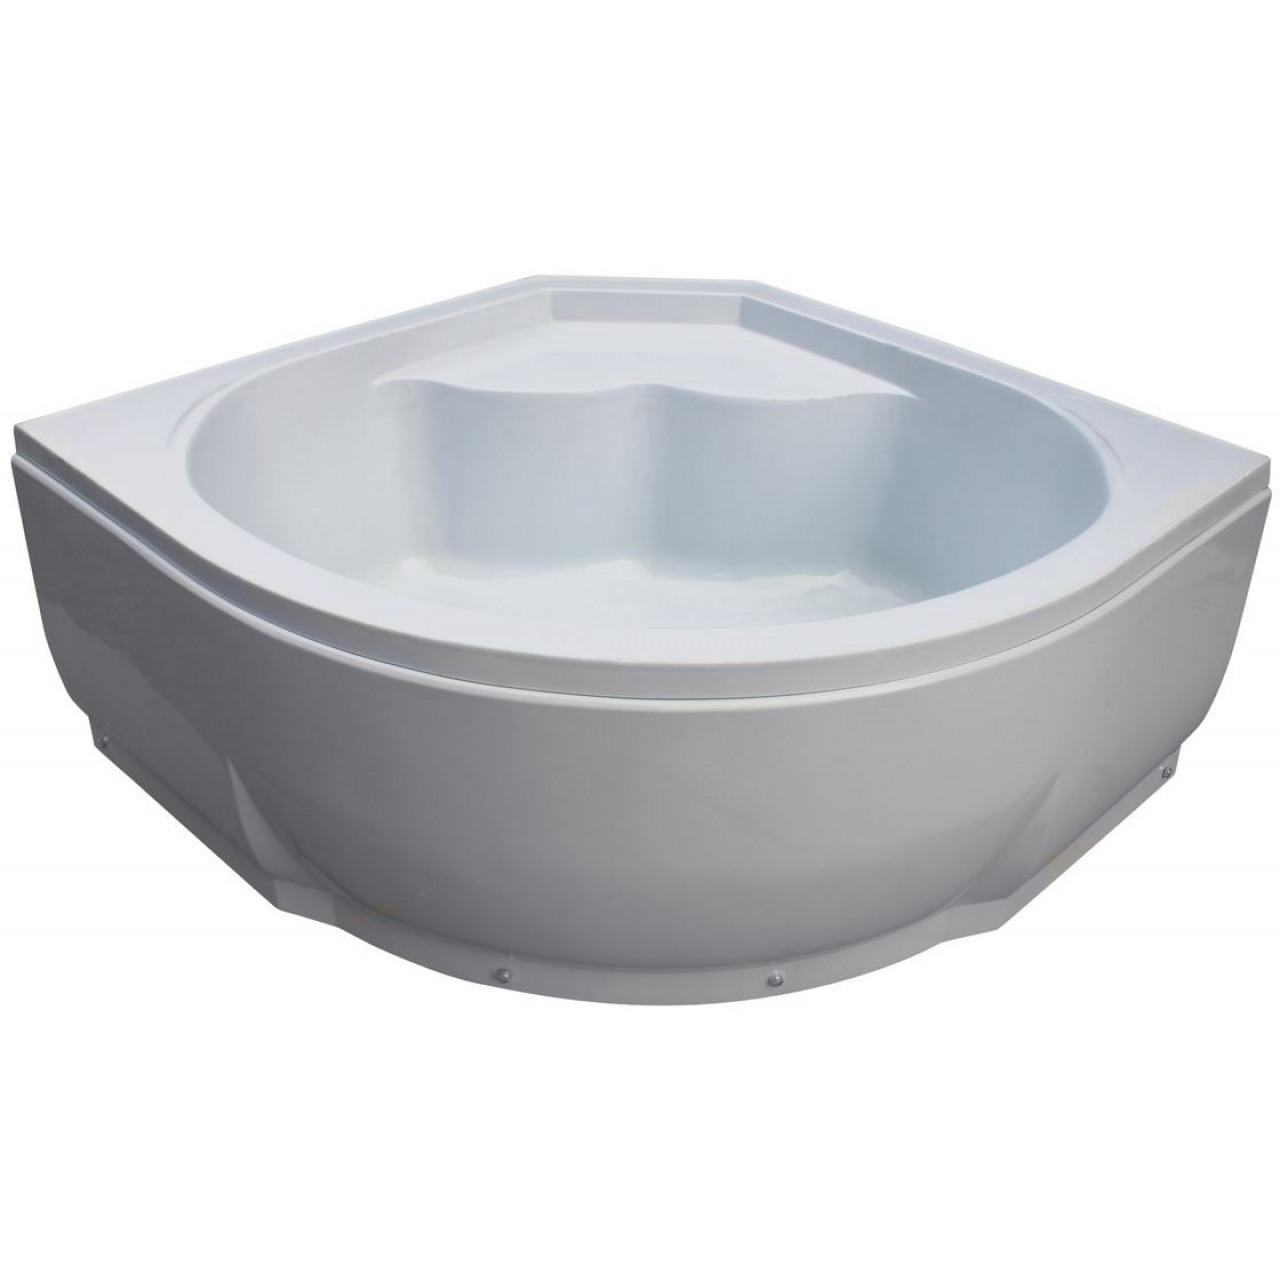 Акриловая ванна River 120/120/55 купить в Москве по цене от 9900р. в интернет-магазине mebel-v-vannu.ru